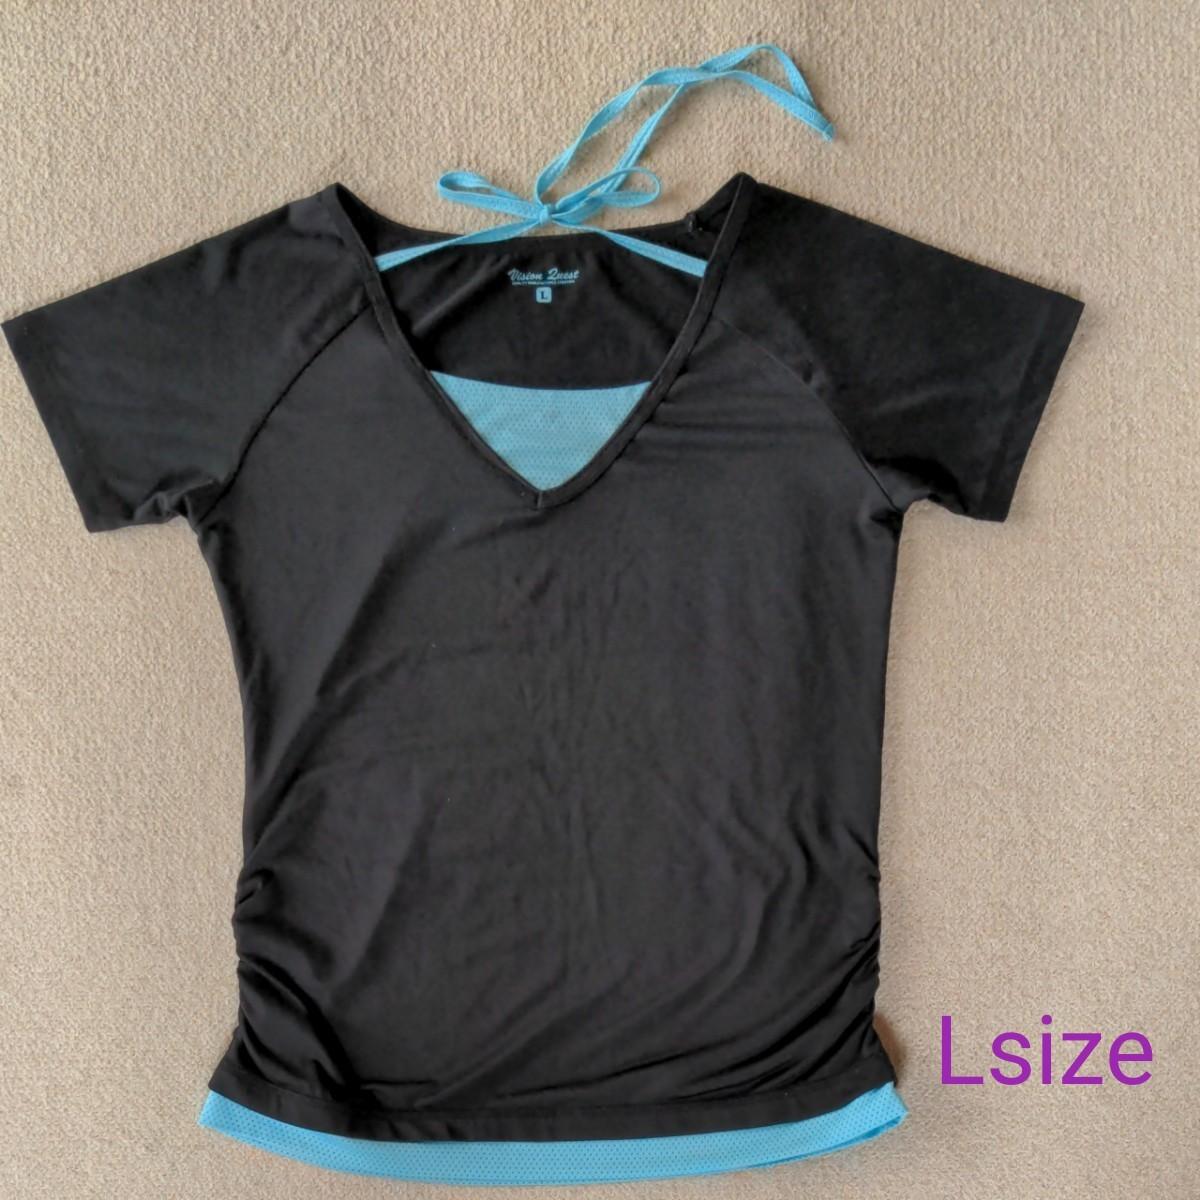 トレーニングウェア Lsize